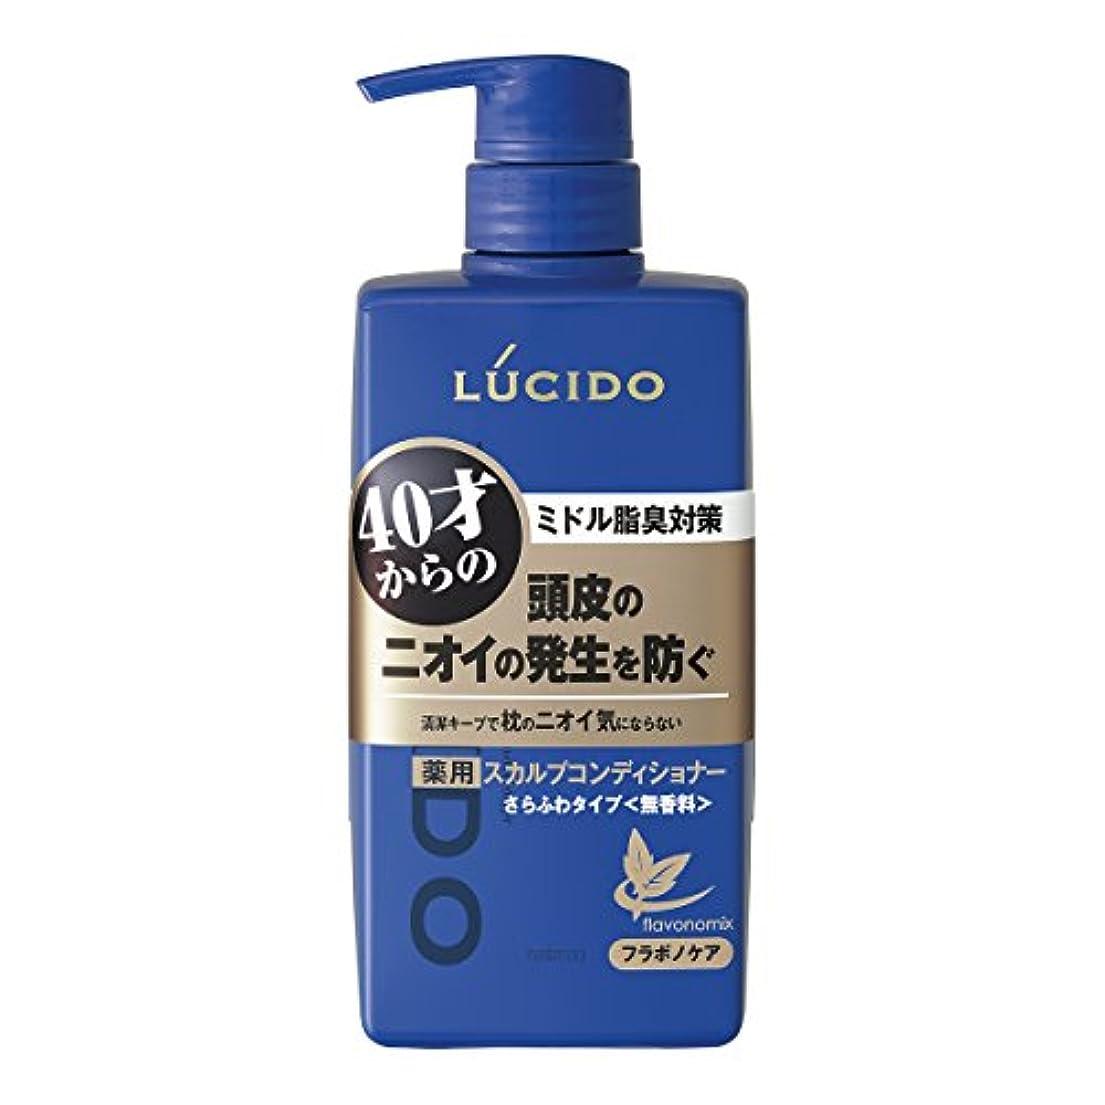 水っぽい彫刻ドラゴンルシード 薬用ヘア&スカルプコンディショナー 450g(医薬部外品)